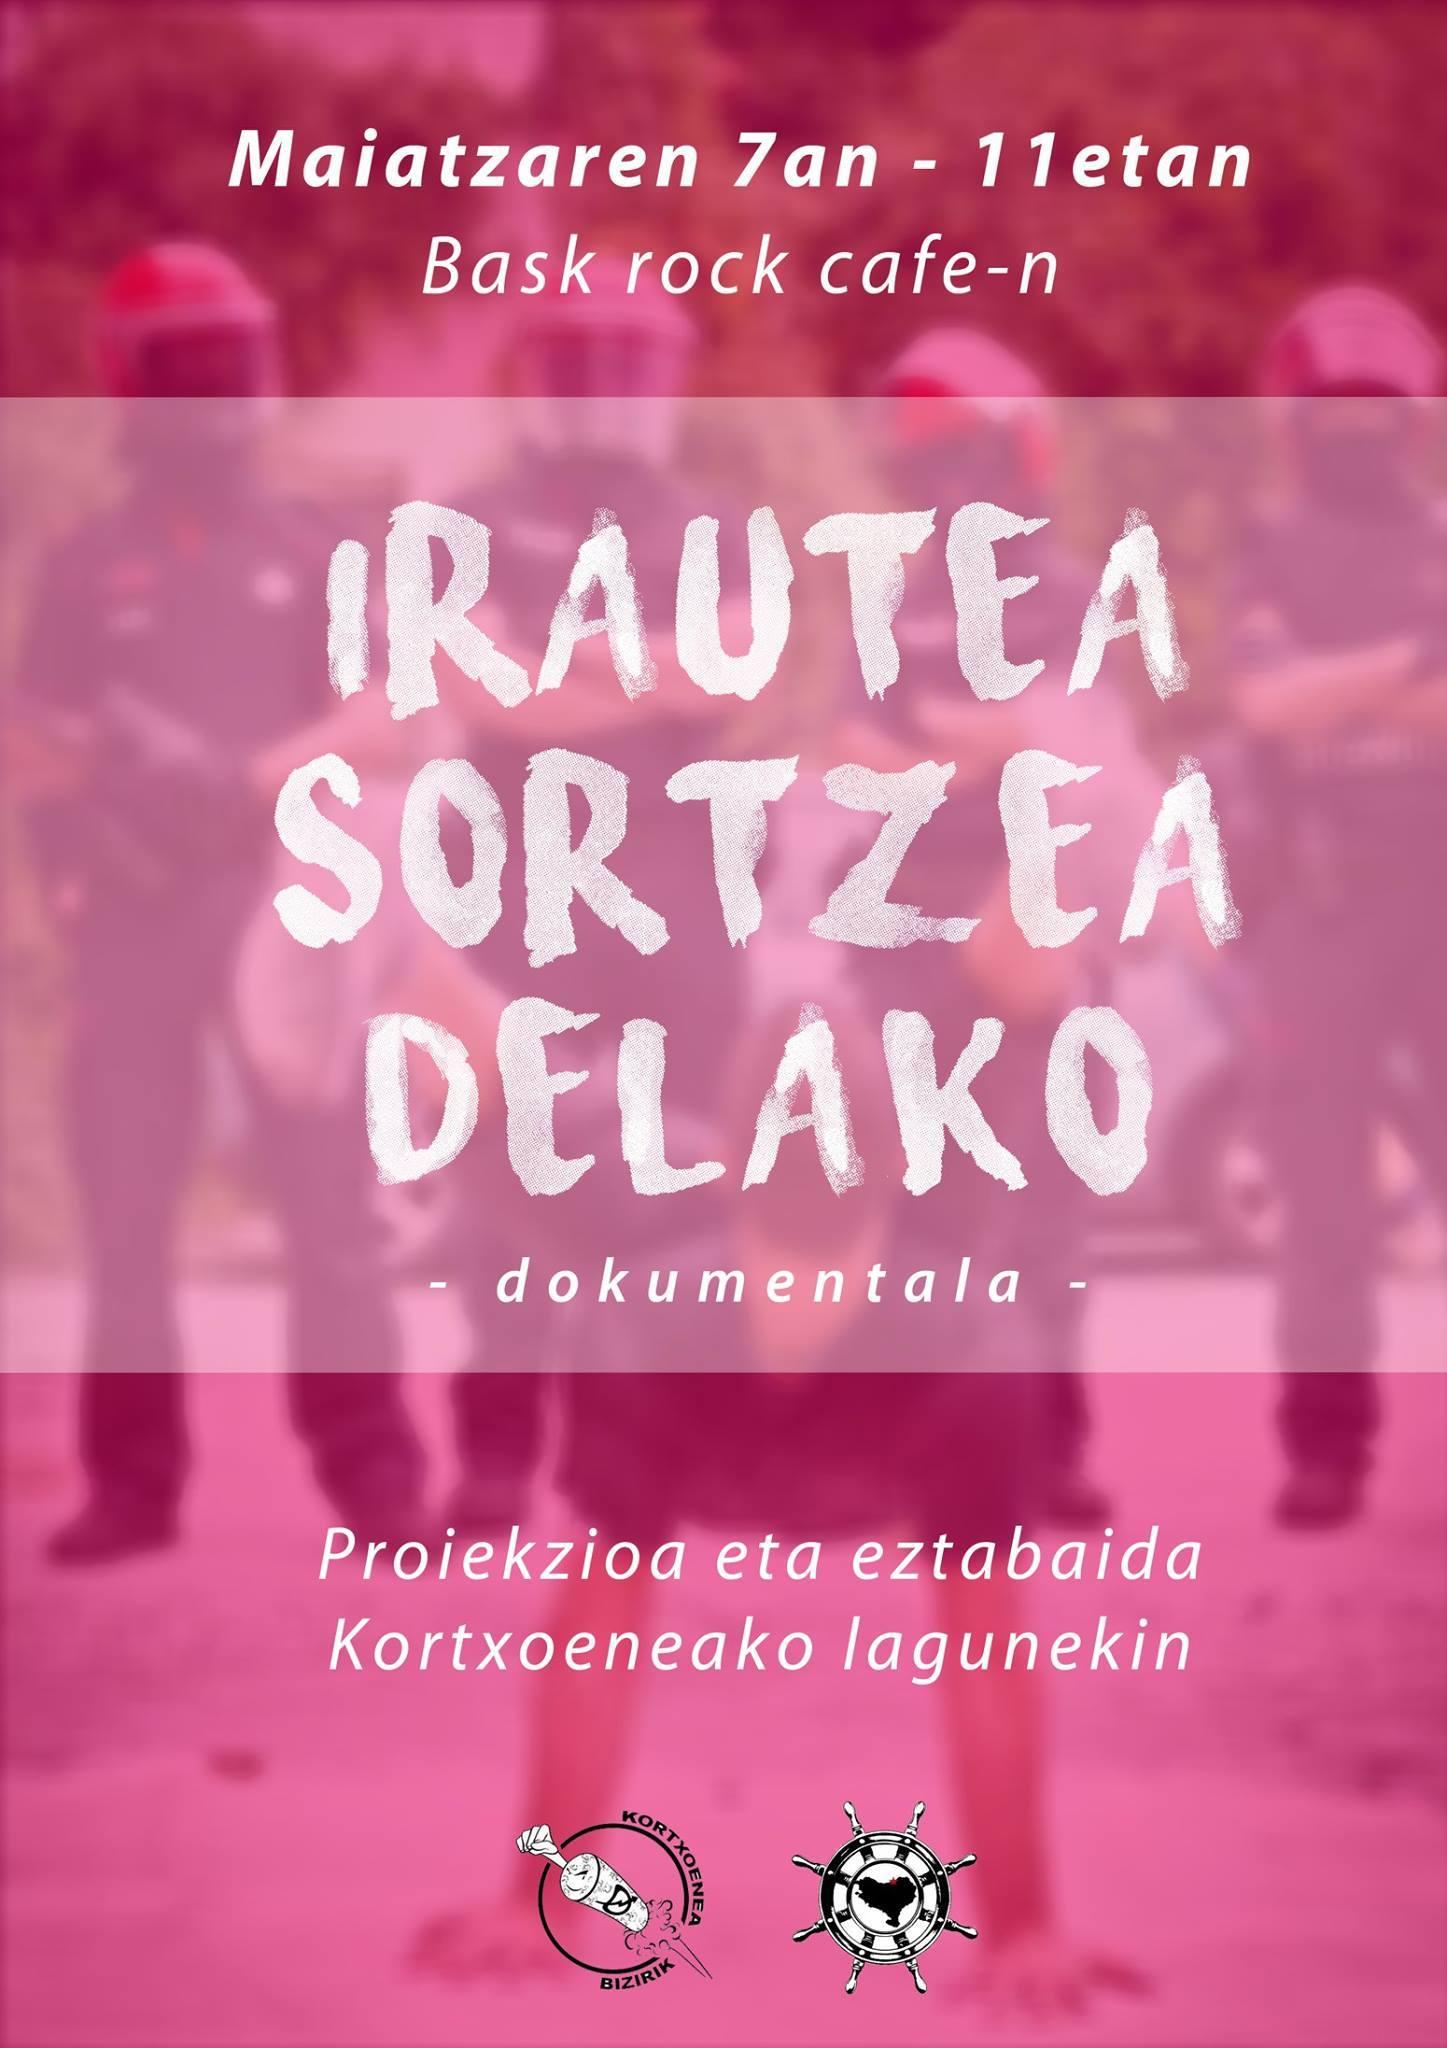 Irautea Sortzea Delako